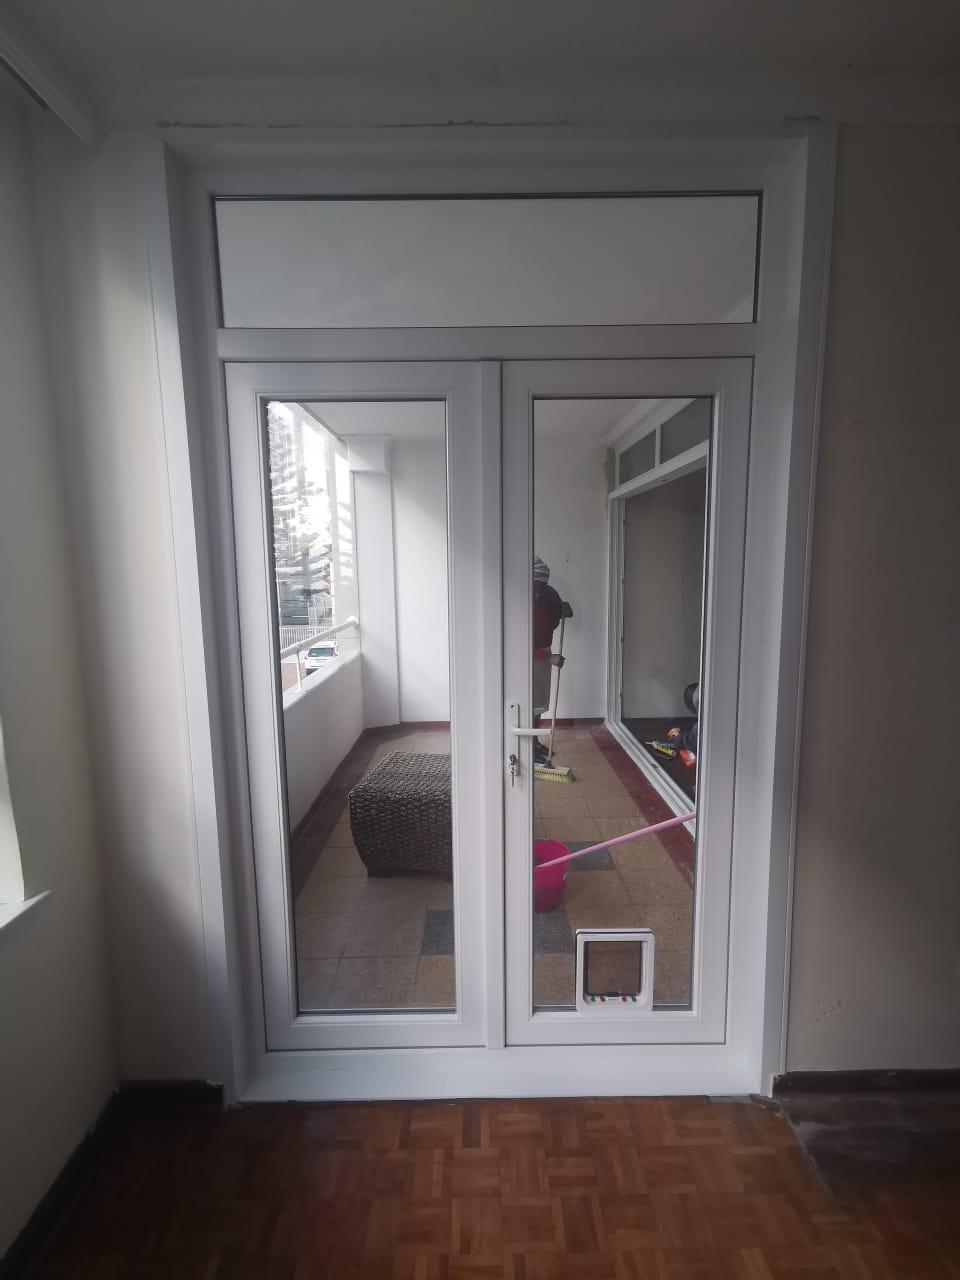 ASAP PVC & ALUMINIUM WINDOW & DOOR SYSTEMS